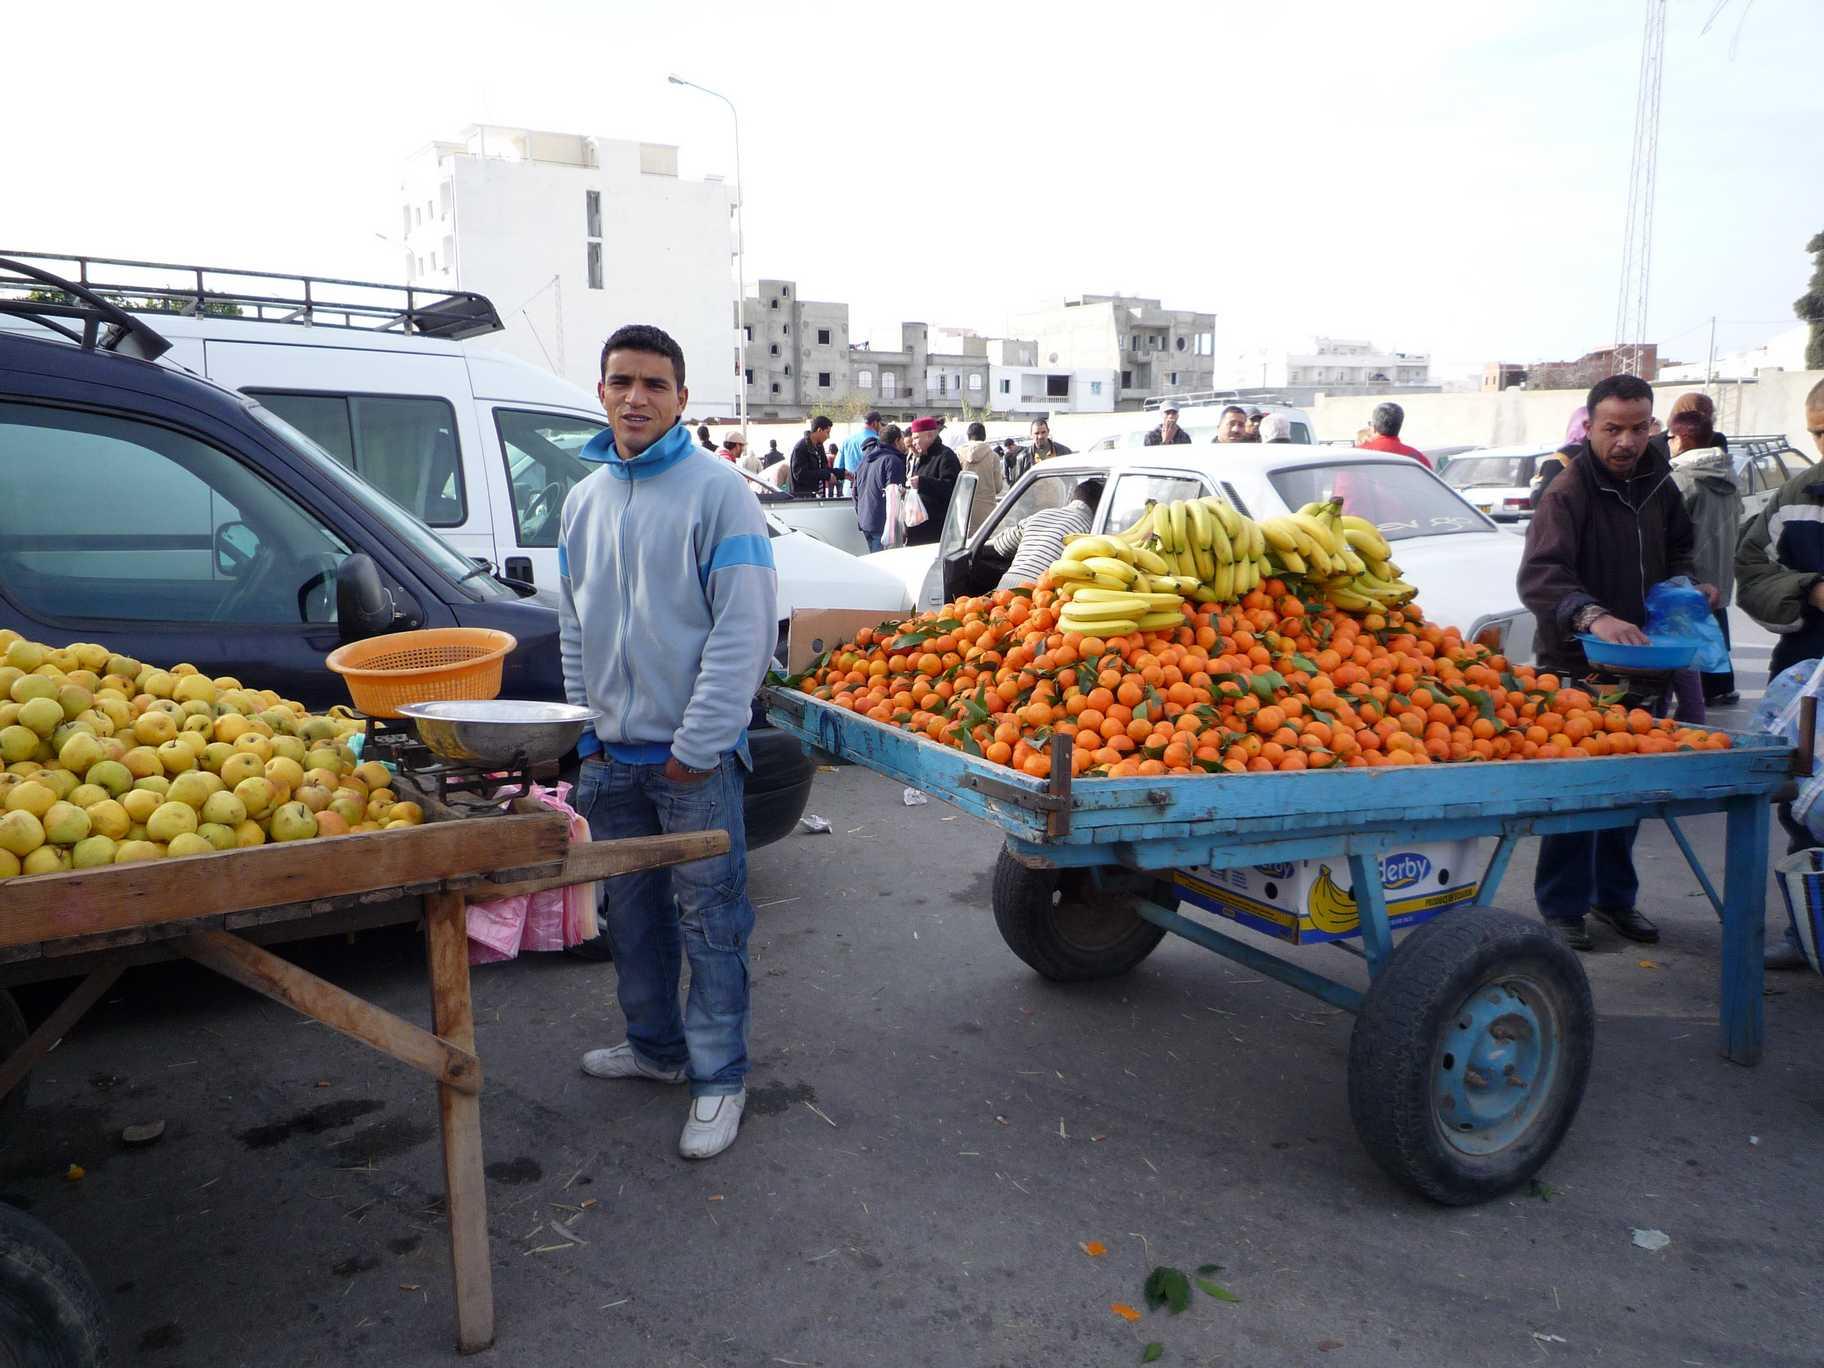 vendeur d'agrumes en Tunisie